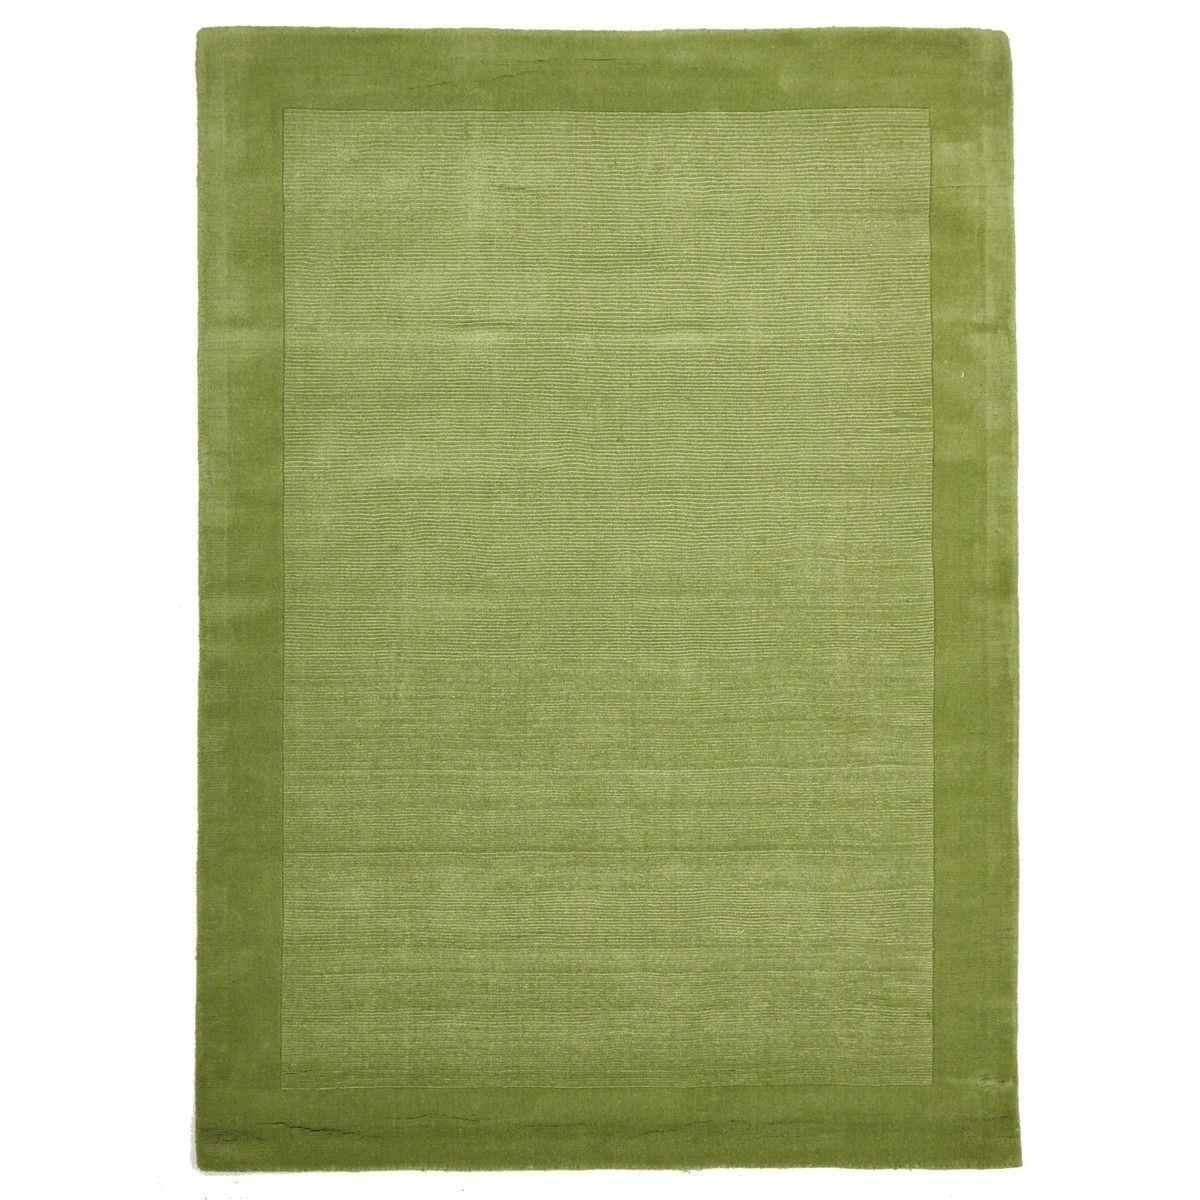 Luxe Hand Tufted Wool Runner Rug, 225x155cm, Pistachio